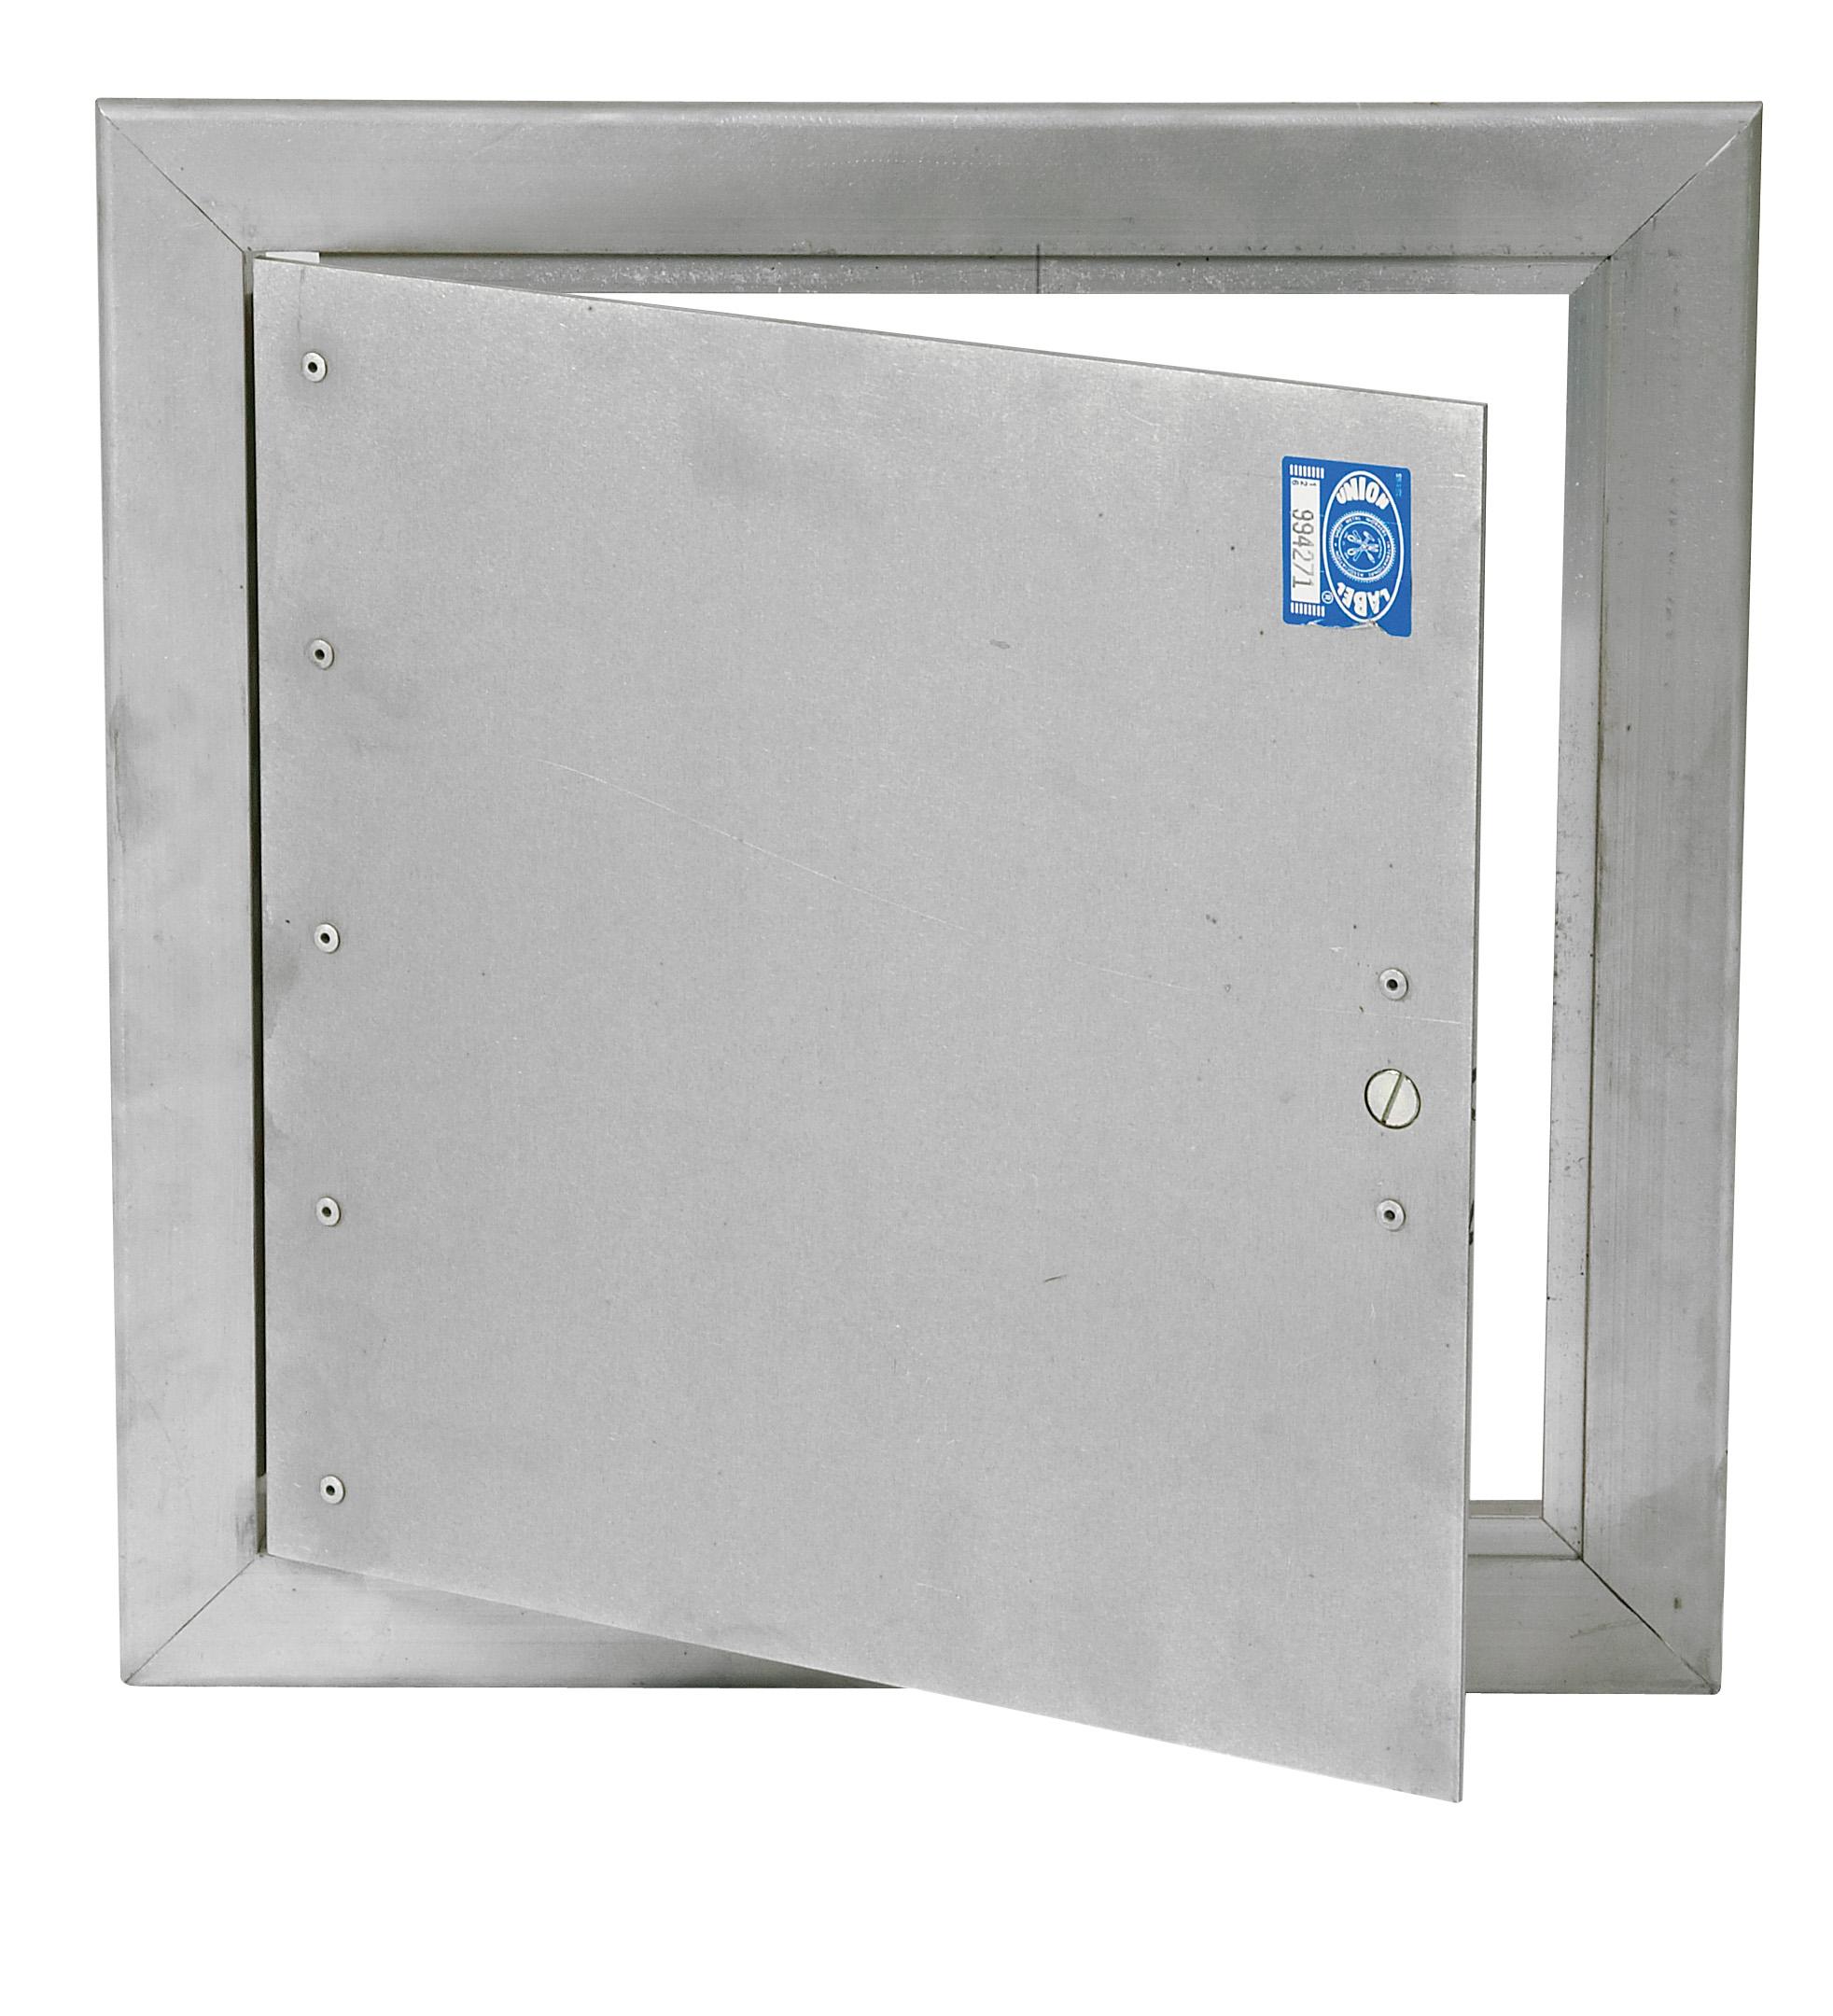 Flush Hinged Access Door Model 80 Had Lloyd Industries